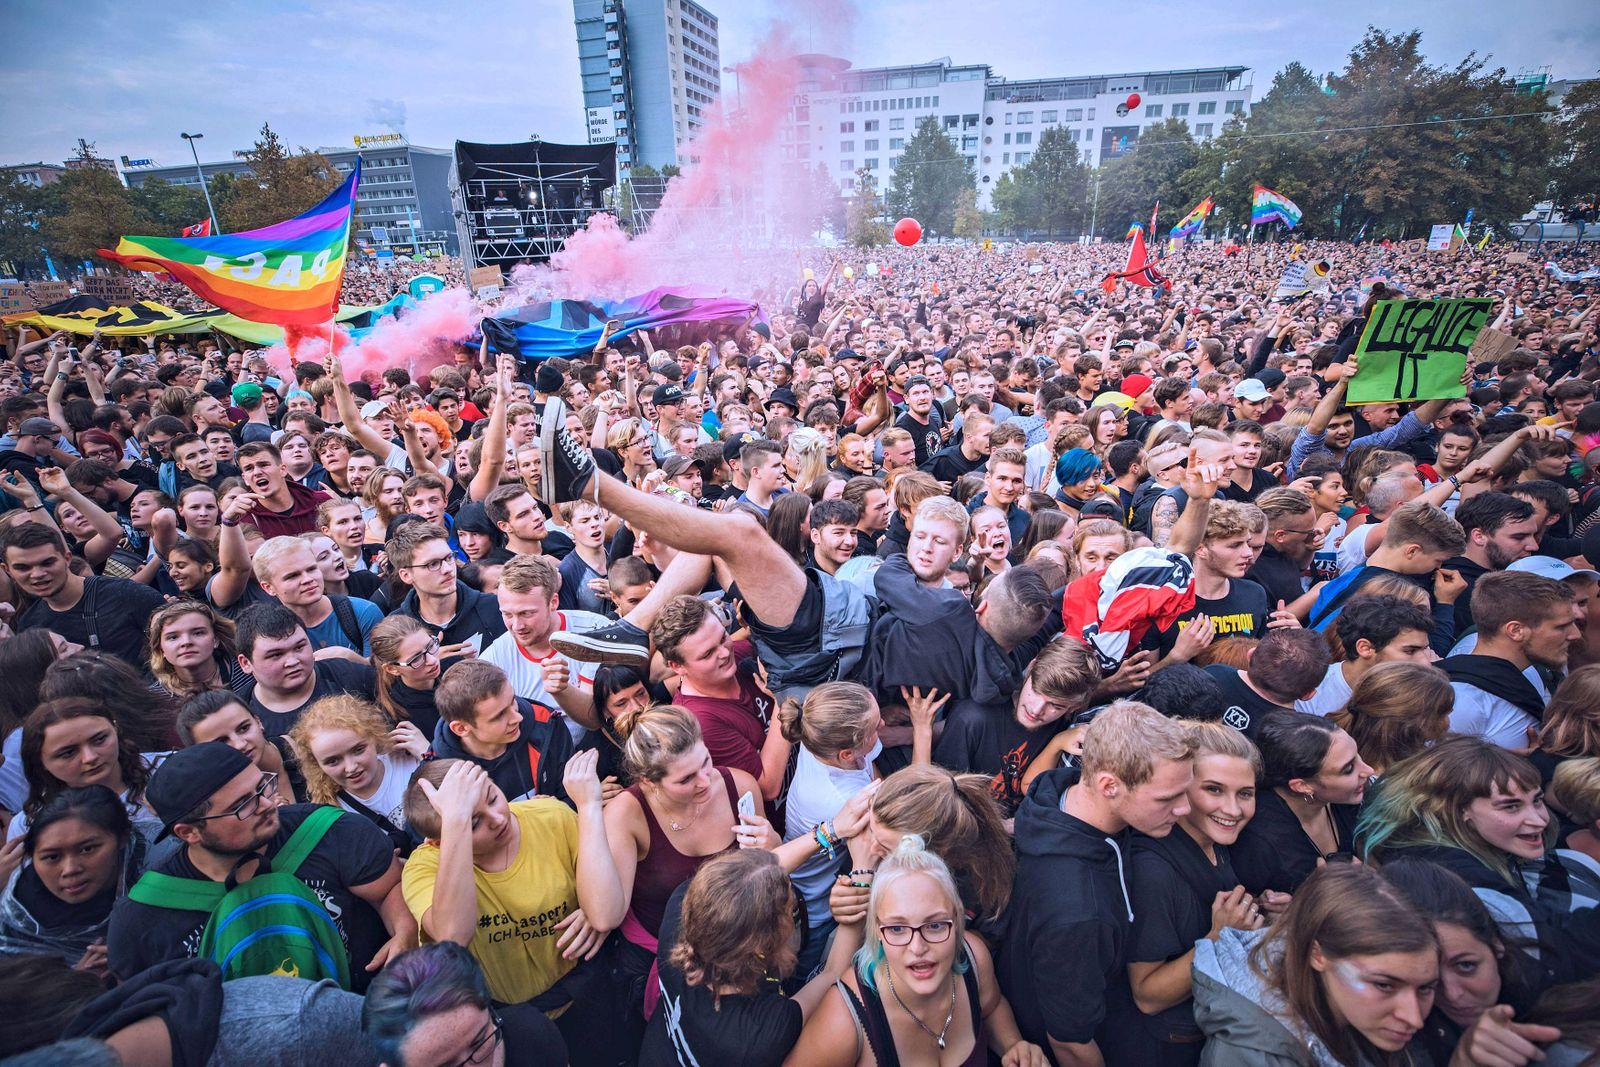 Chemnitz Wir sind mehr Begeistertes Publikum w?hrend des Konzertes gegen Rechtsradikalismus und